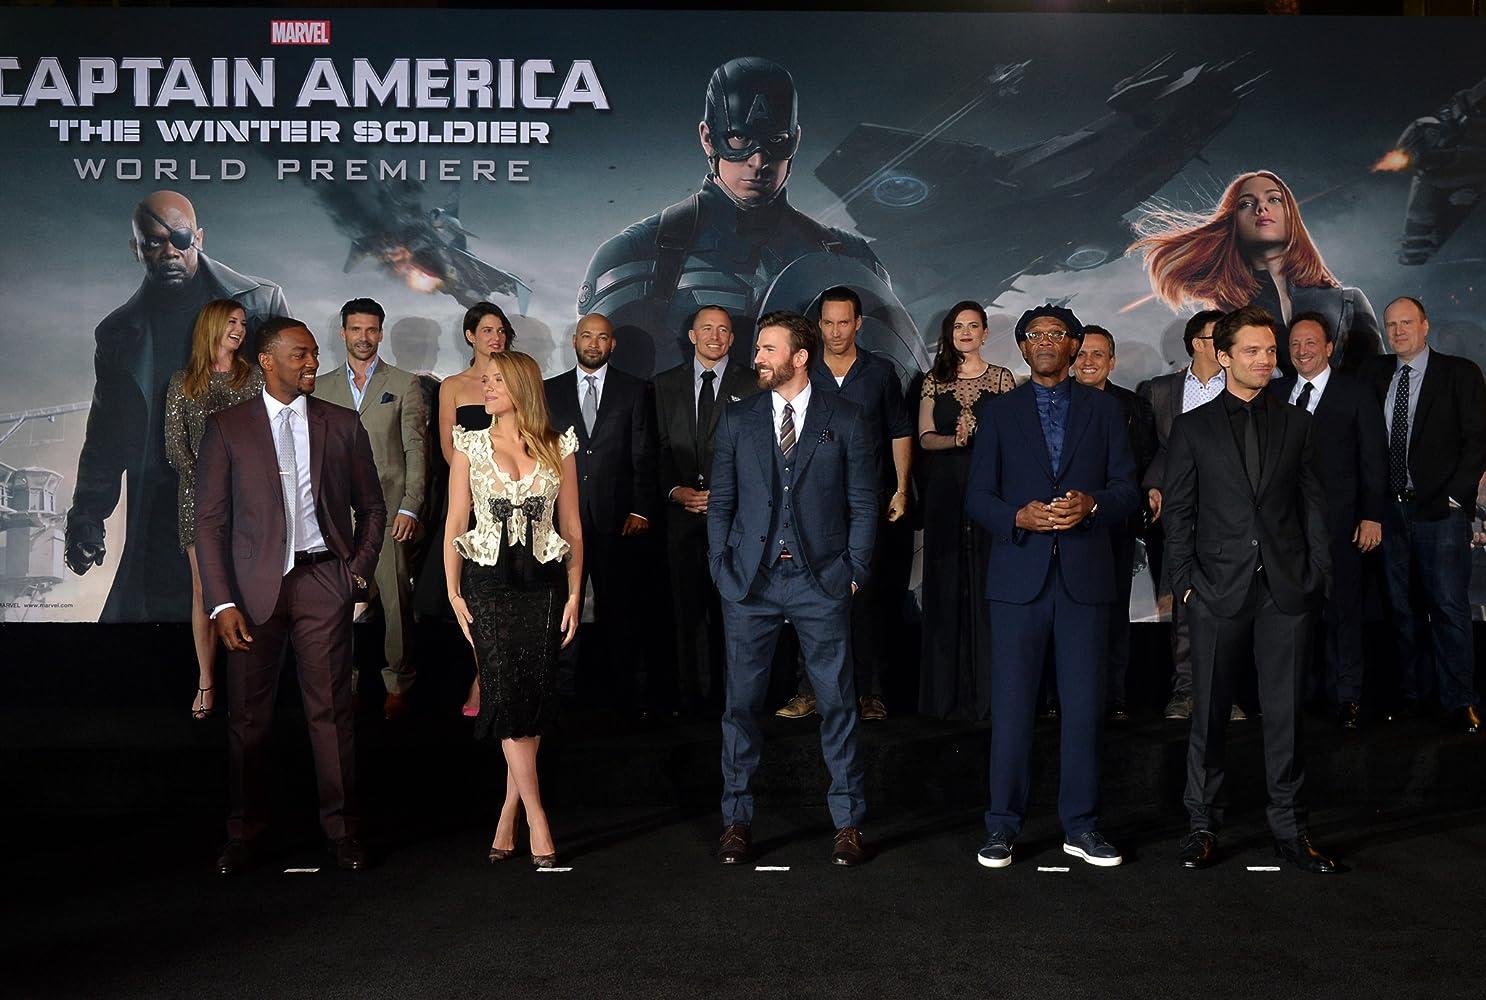 Deretan para pemeran 'Captain America: The Winter Soldier' saat menghadiri World Premier 'Captain America: The Winter Soldier'.